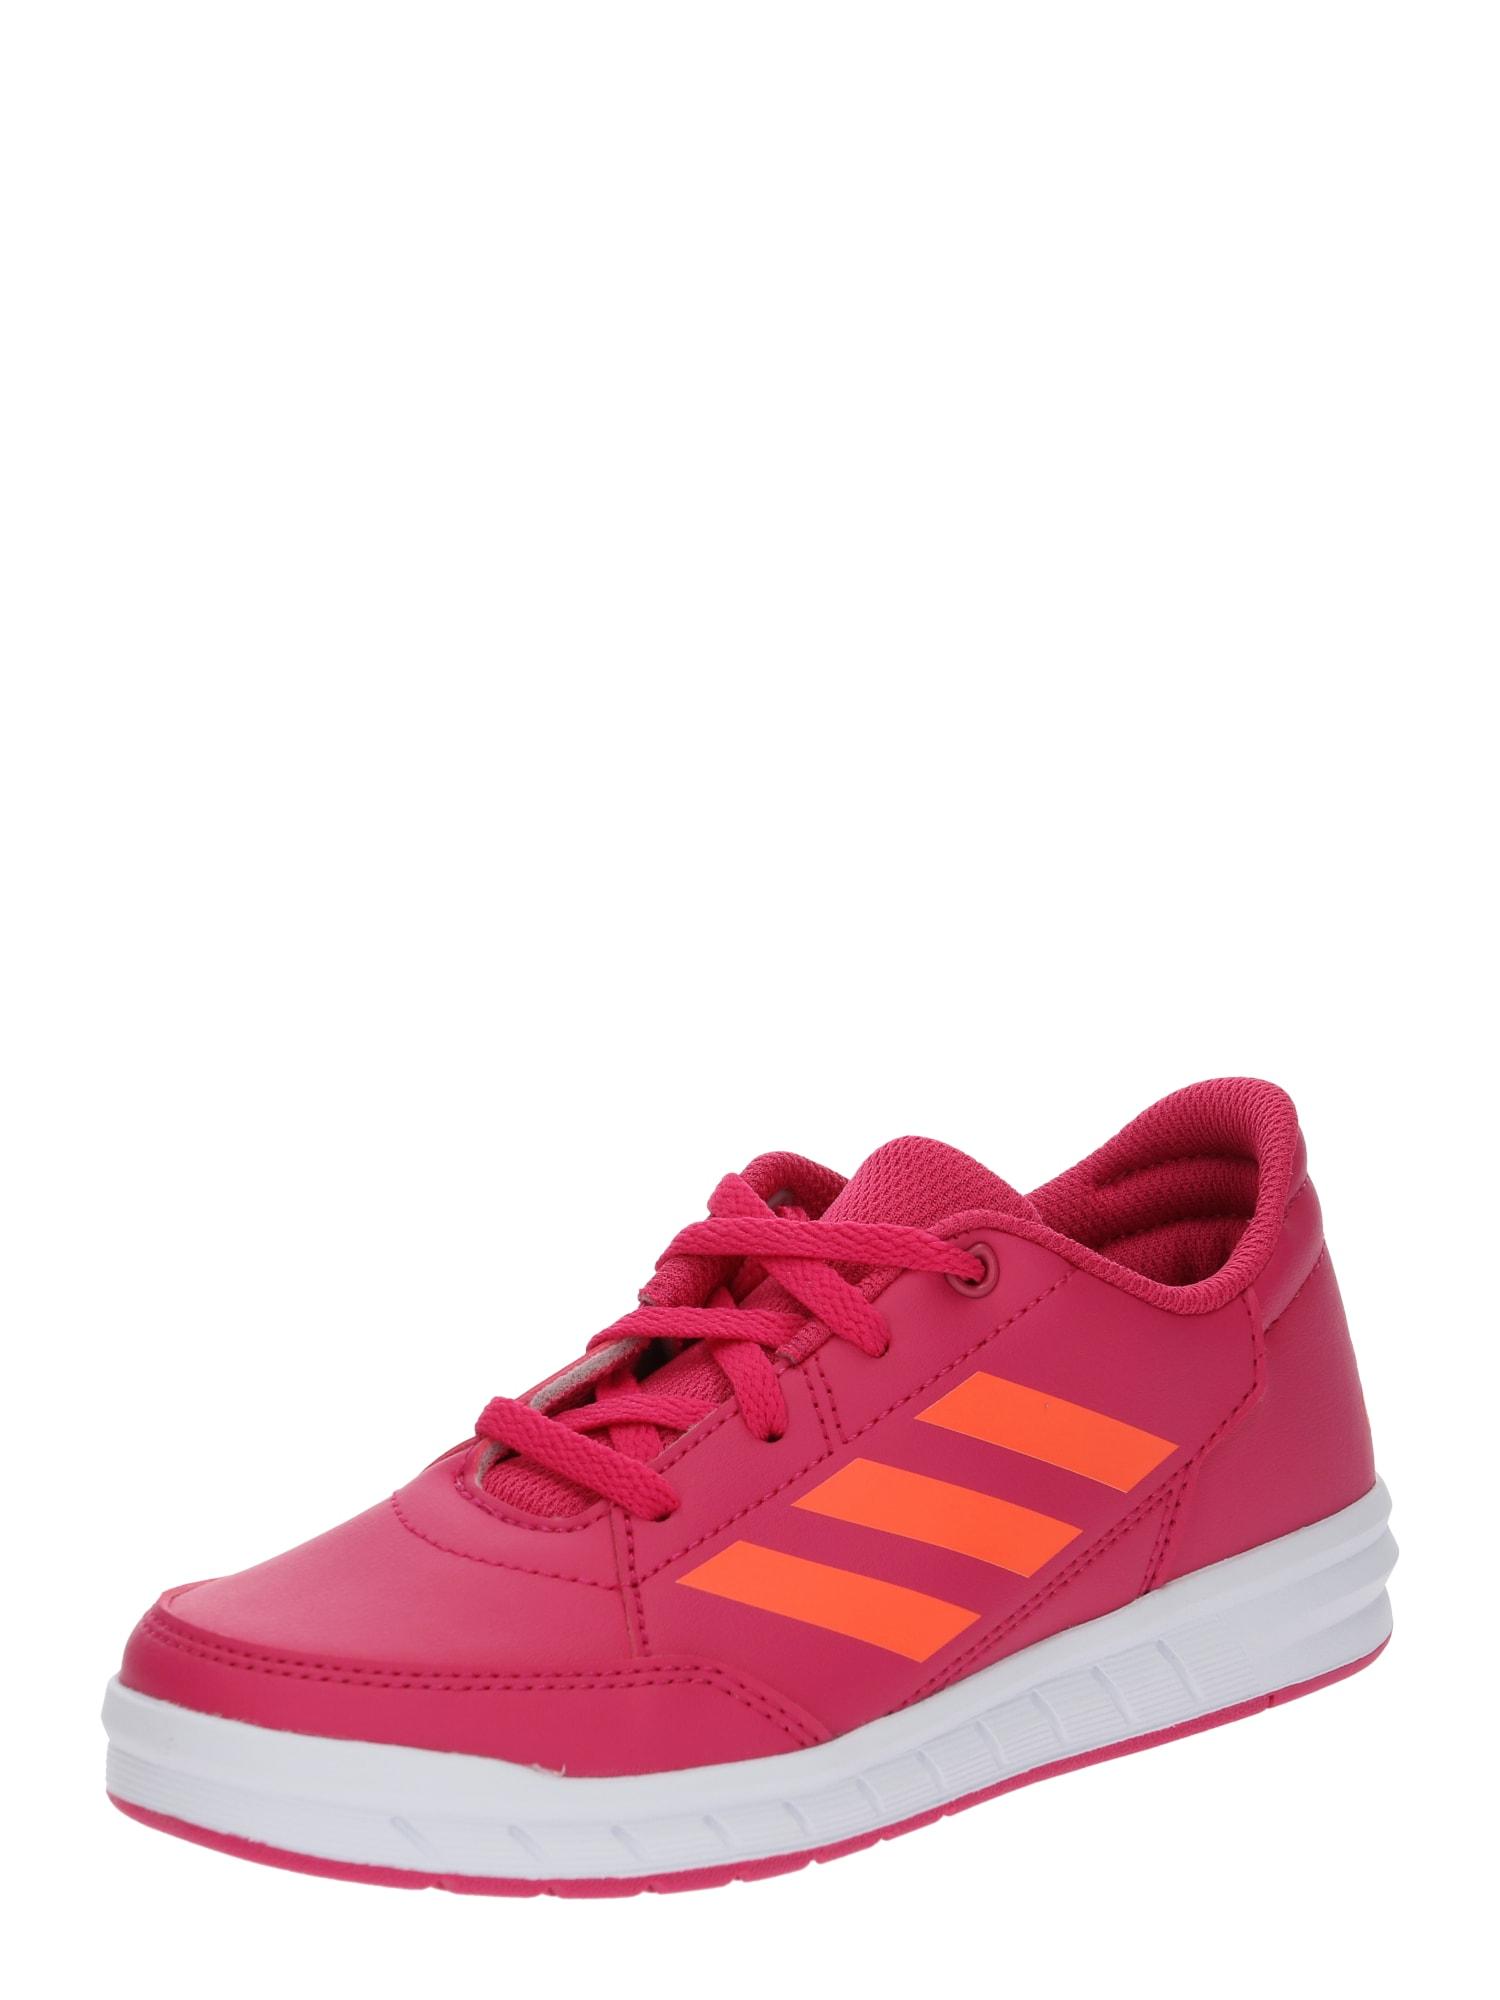 Sportovní boty AltaSport K pink ADIDAS PERFORMANCE